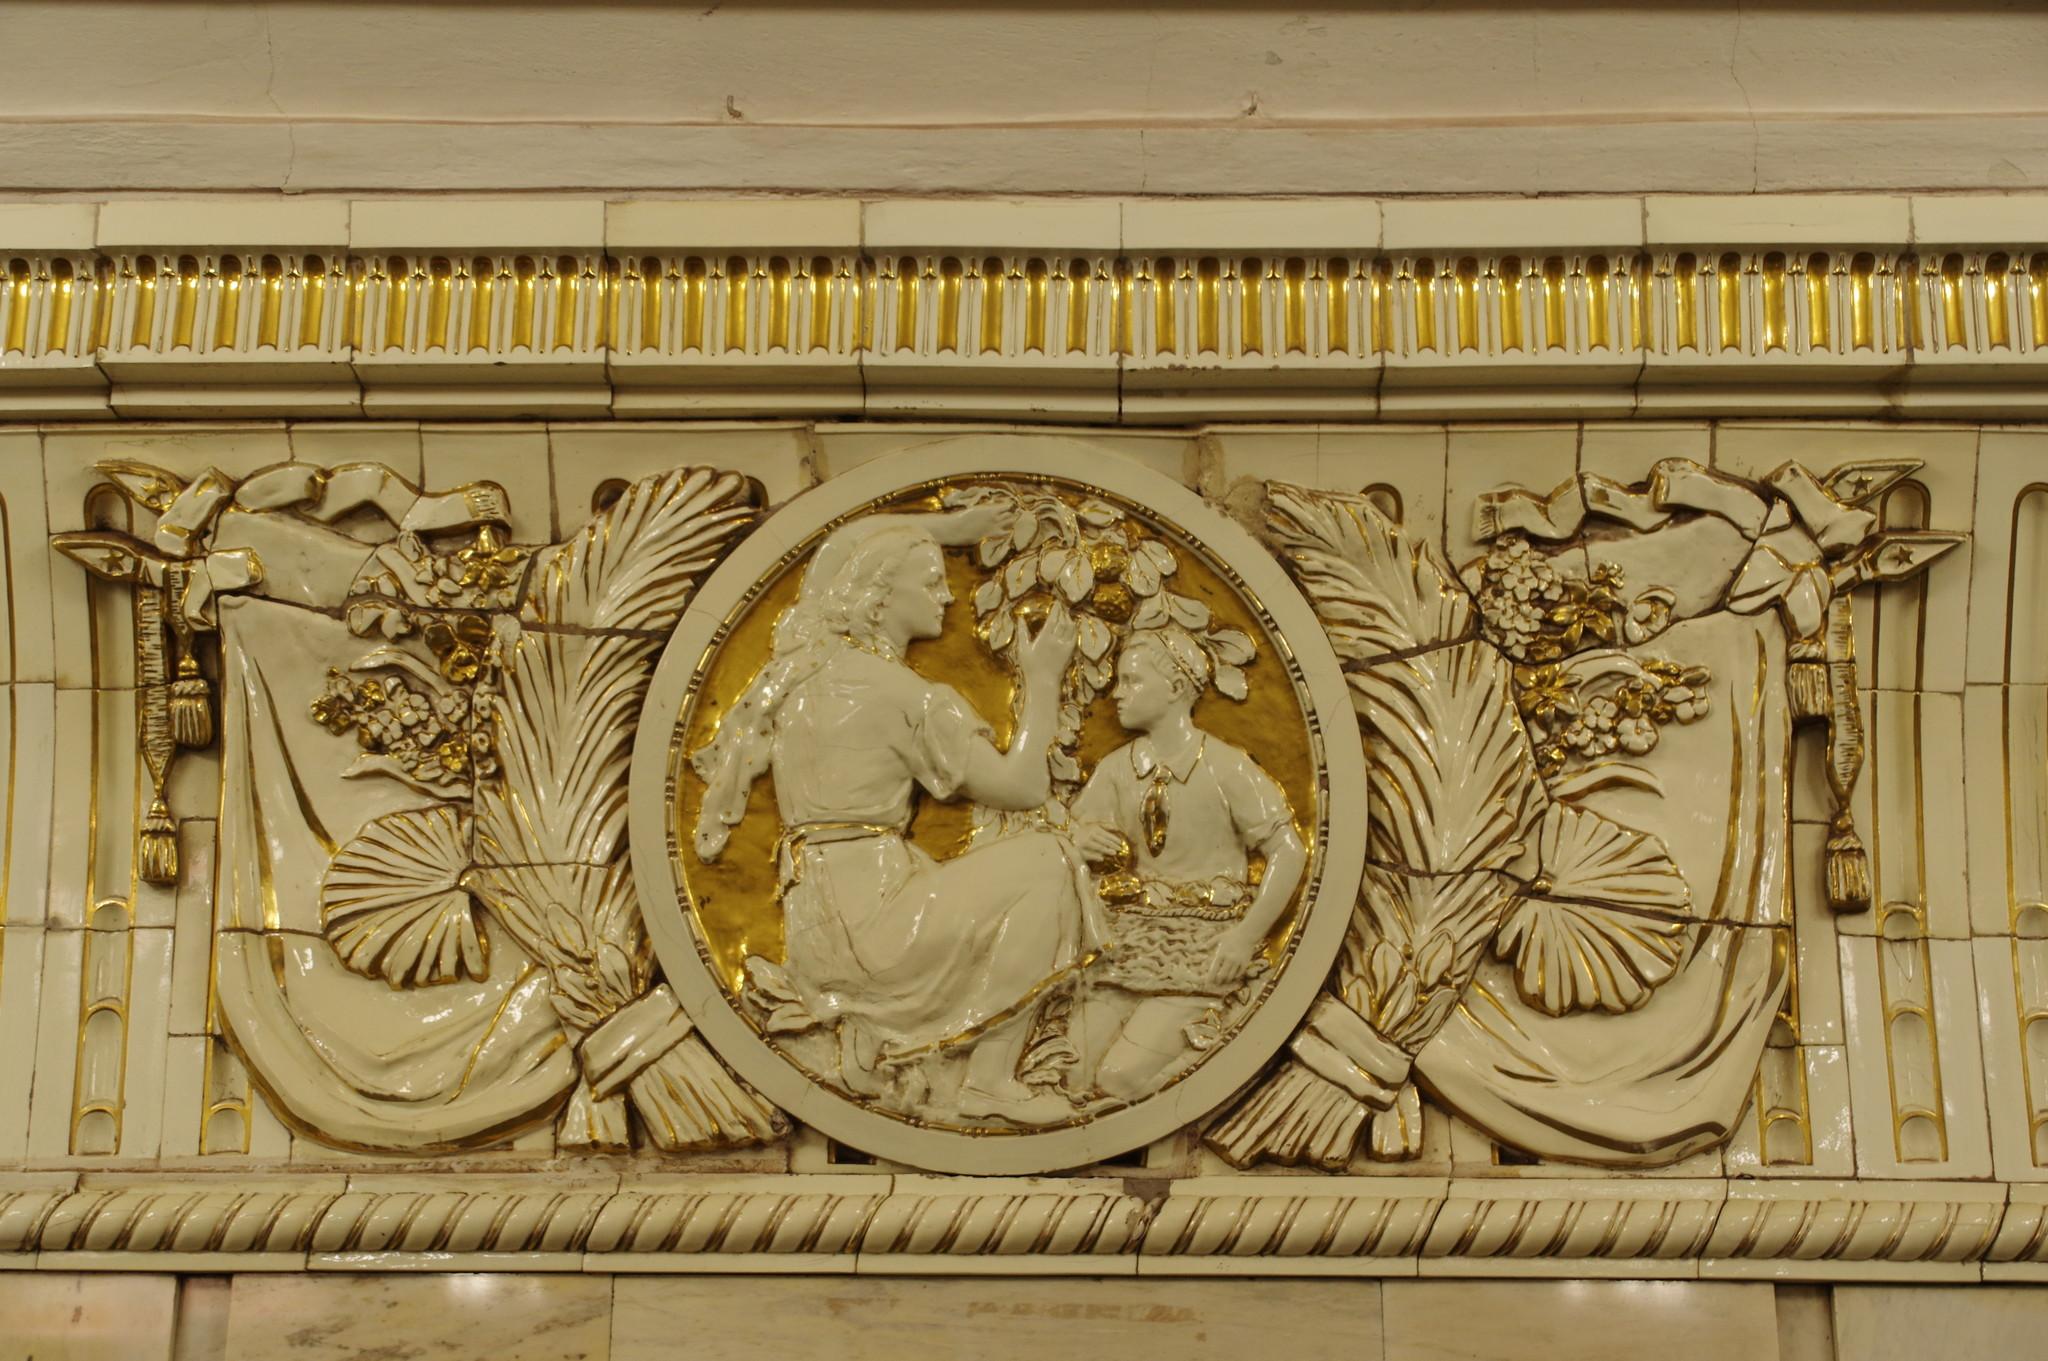 Керамический медальон. Станция «Проспект Мира» Кольцевой линии